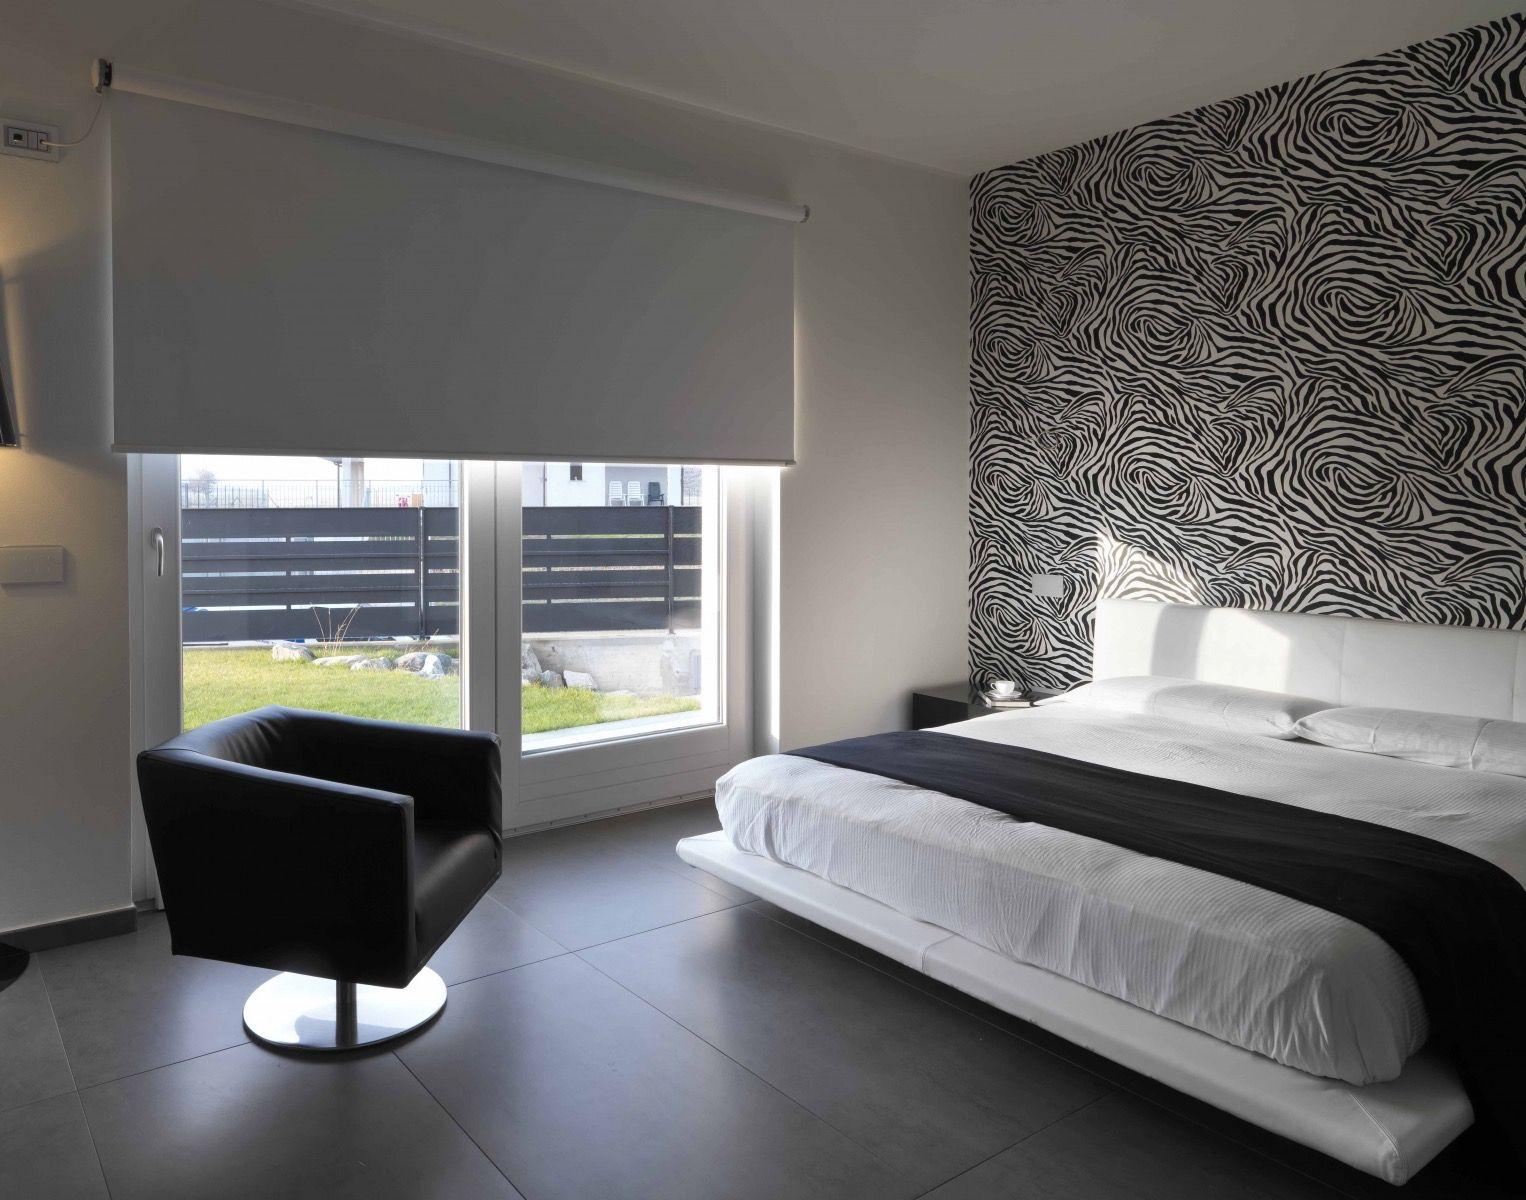 Rolgordijnen Slaapkamer 17 : Verduisterend rolgordijn interior design verduisterende gordijnen